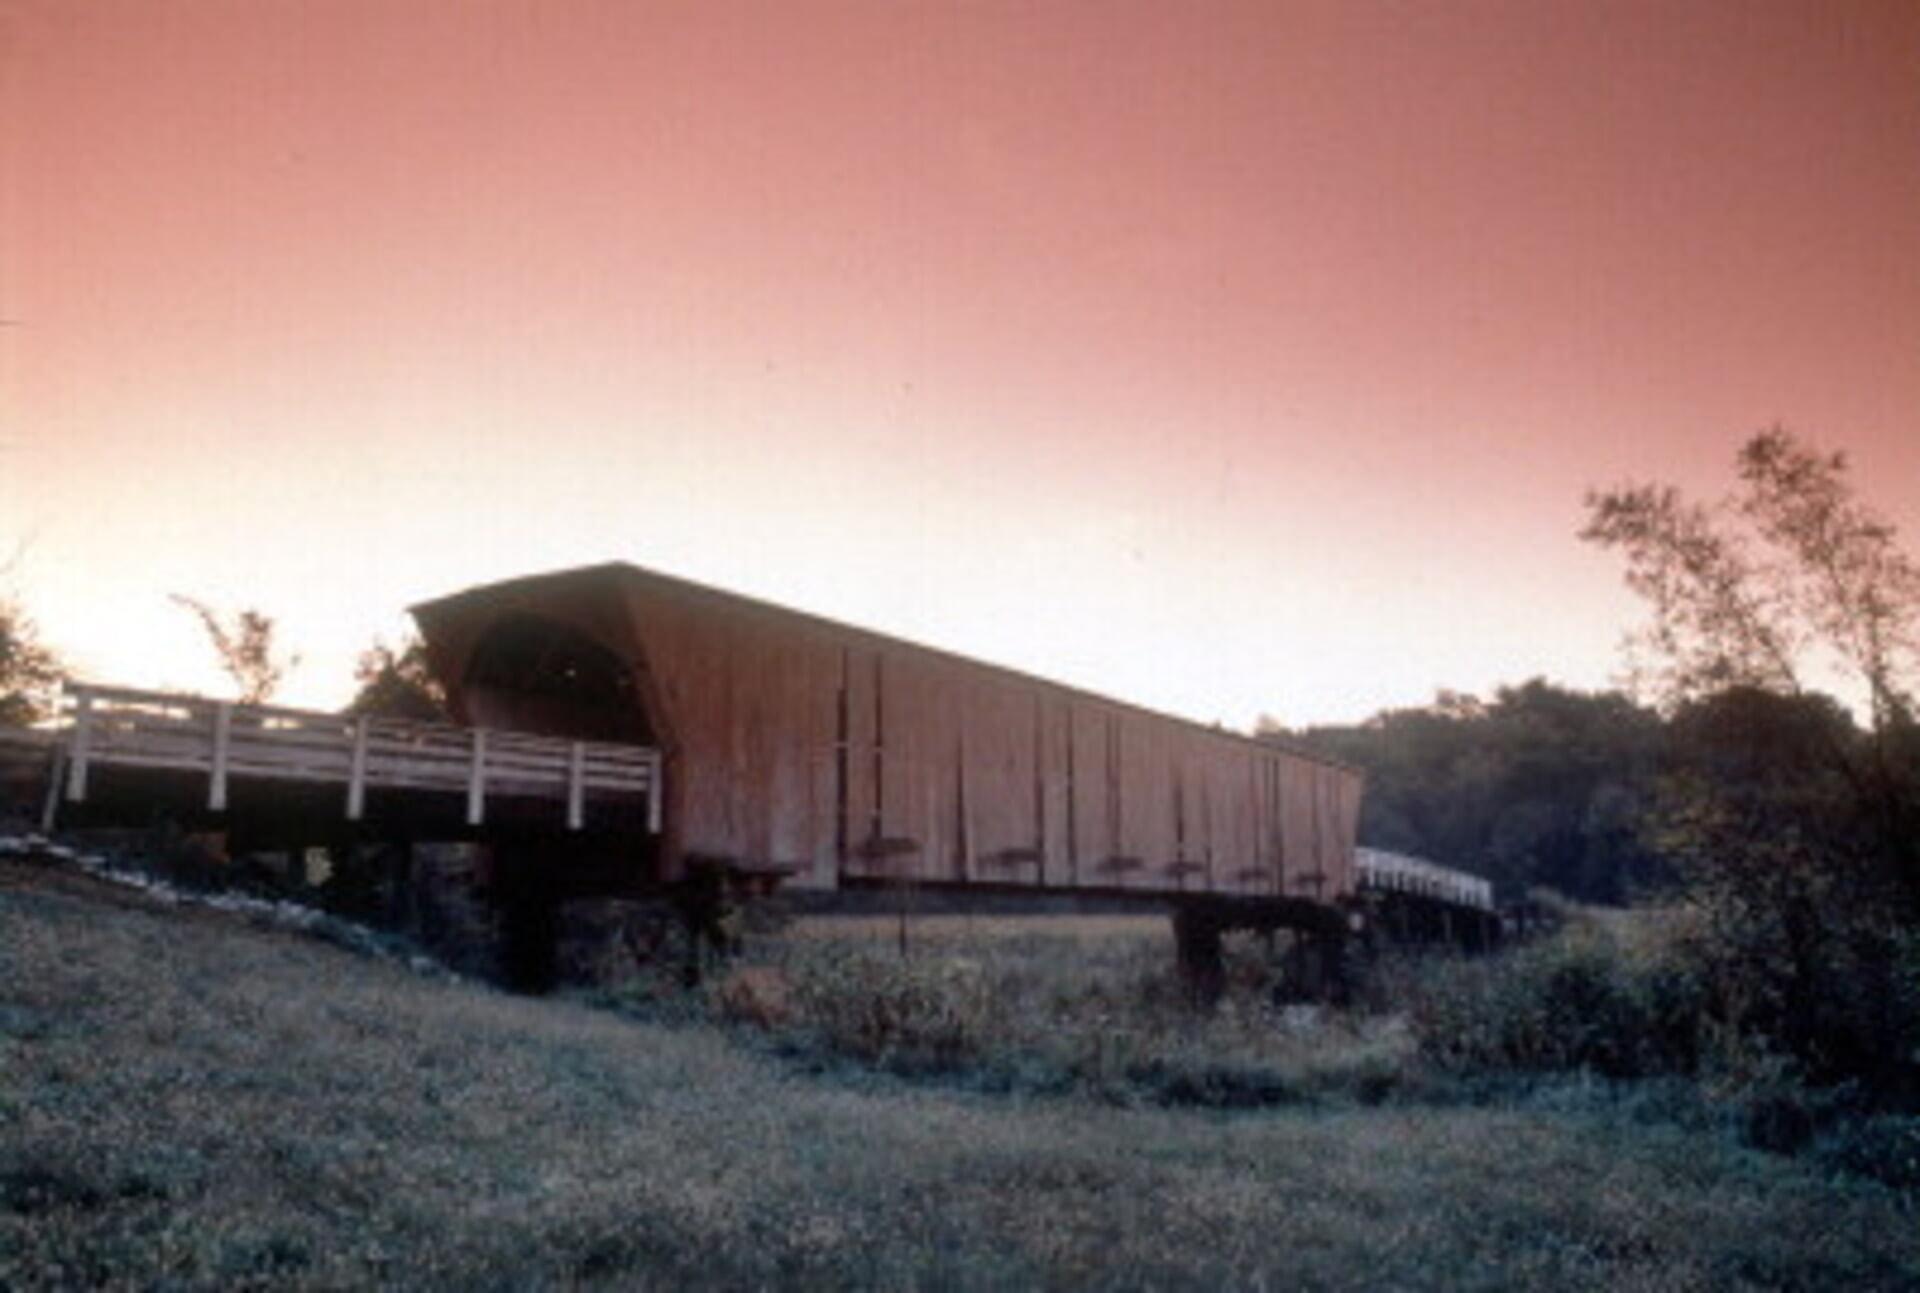 The Bridges of Madison County - Image 12